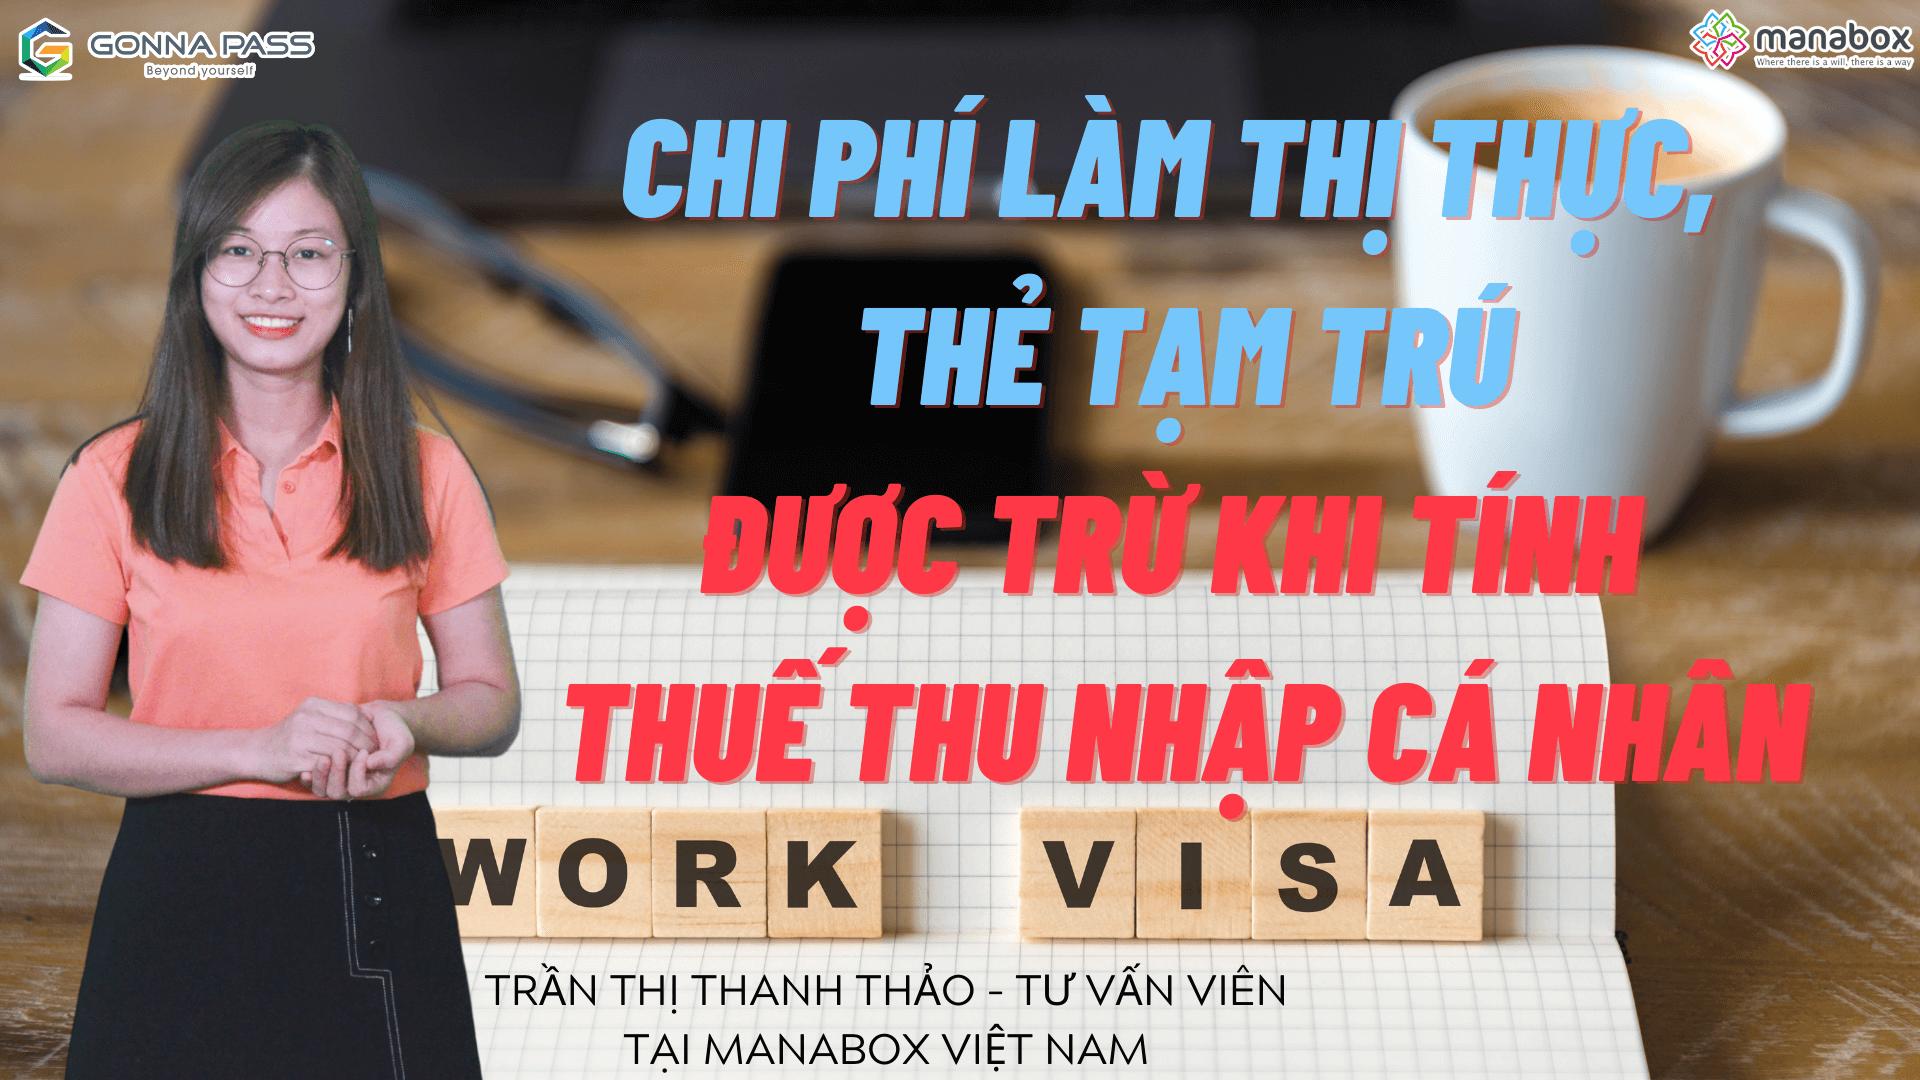 Chi phí làm visa, thẻ tạm trú cho lao động nước ngoài được trừ khi tính thuế TNCN